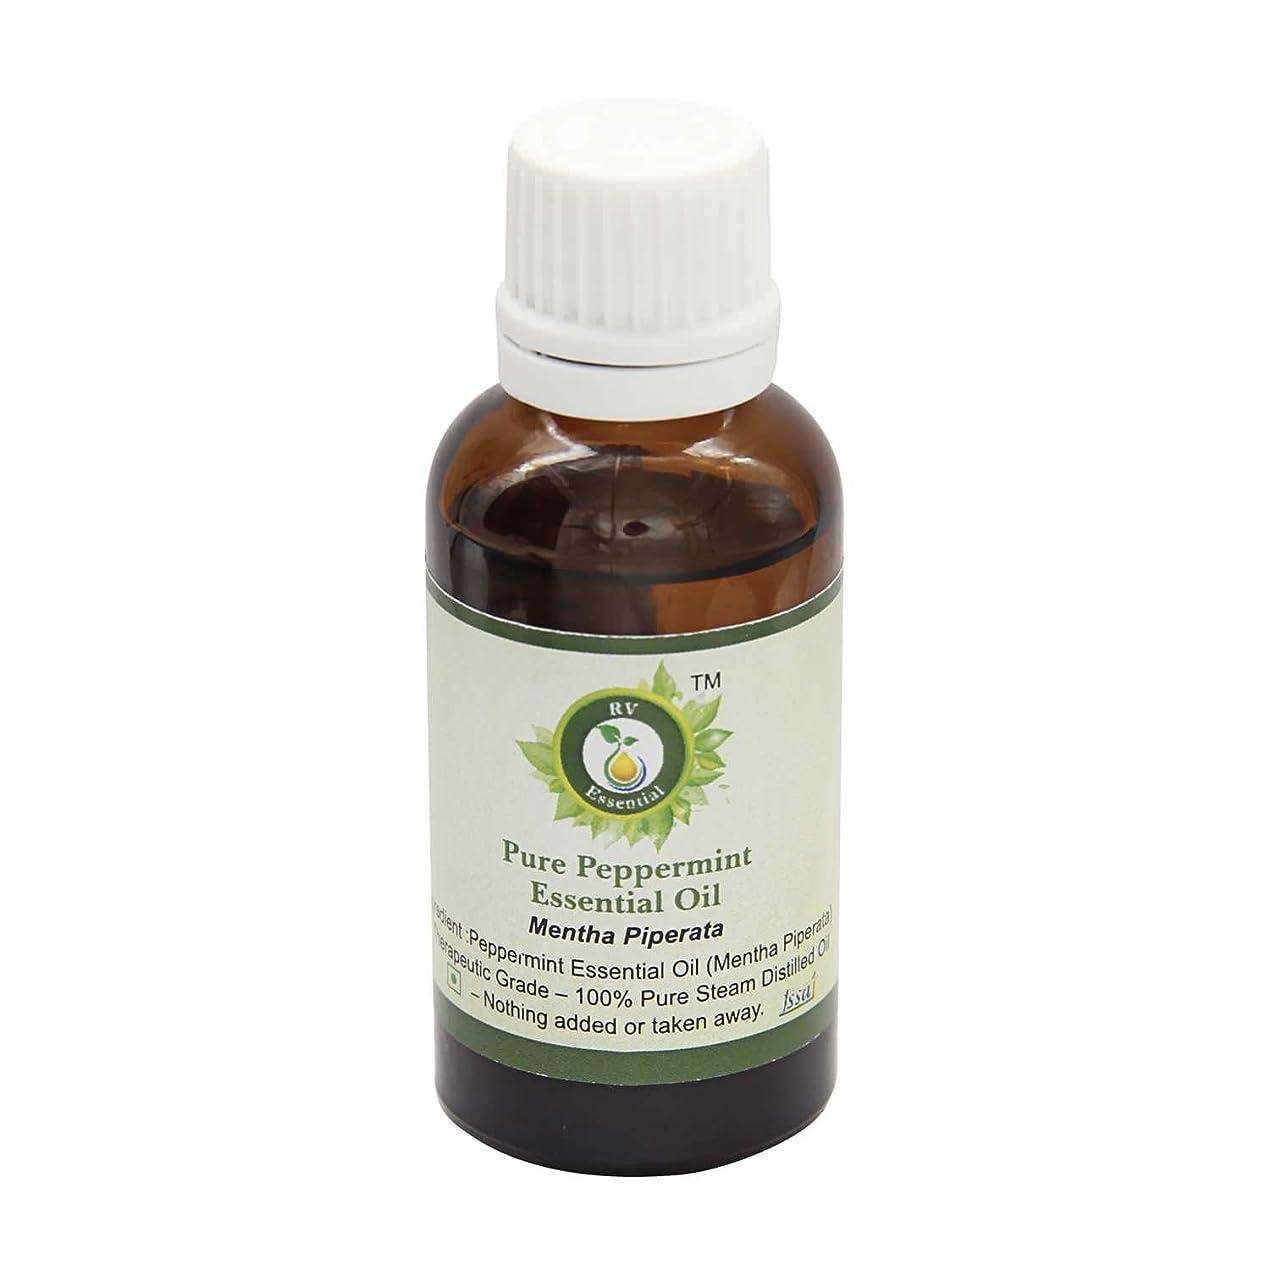 平和的後実現可能R V Essential 純粋なペパーミントエッセンシャルオイル630ml (21oz)- Mentha Piperata (100%純粋&天然スチームDistilled) Pure Peppermint Essential Oil